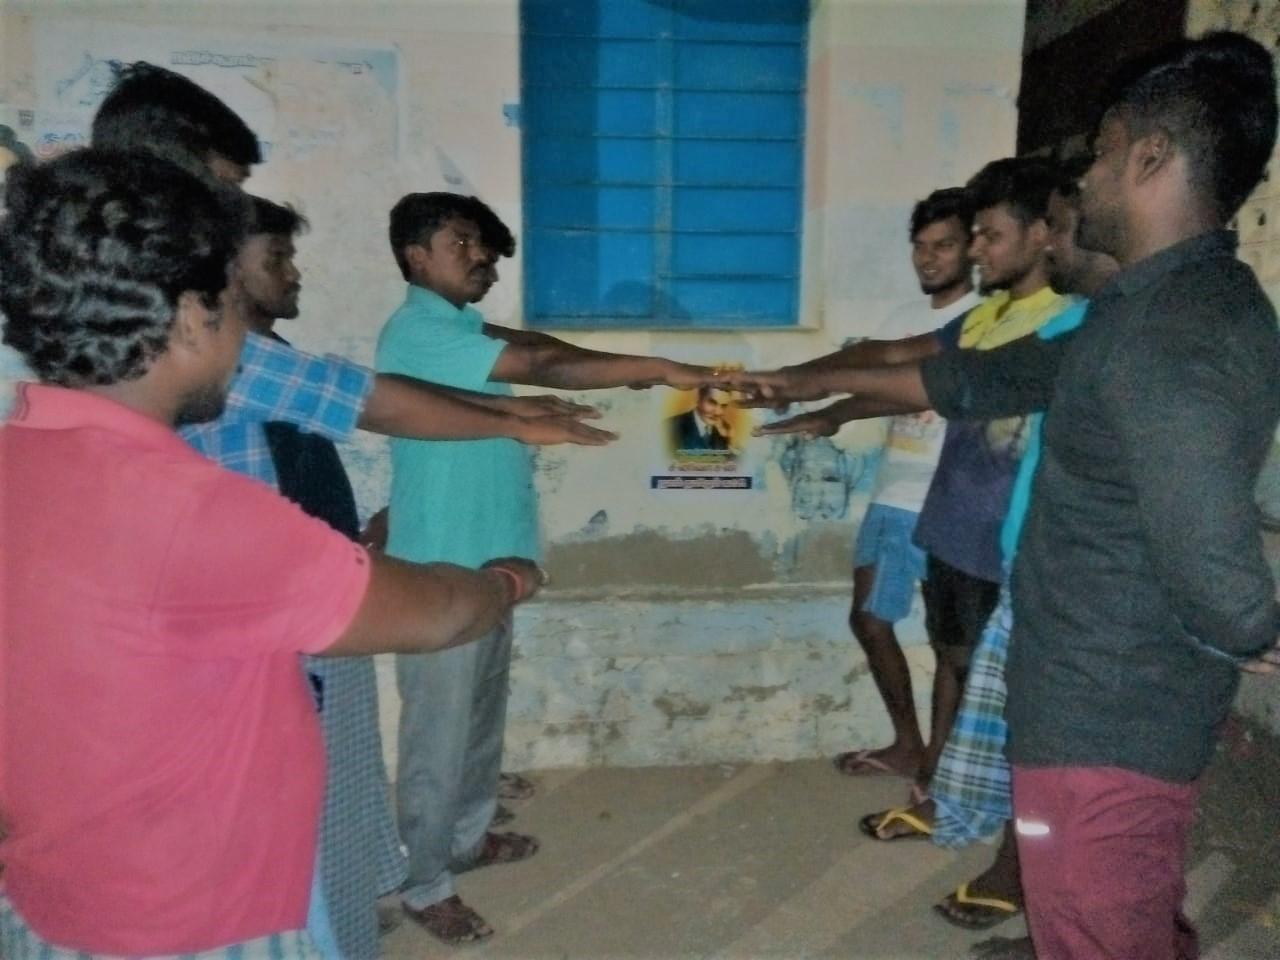 ஐயா இரட்டை மலை சீனிவாசன் அவர்களுக்கு புகழ் வணக்கம் - சாத்தூர்